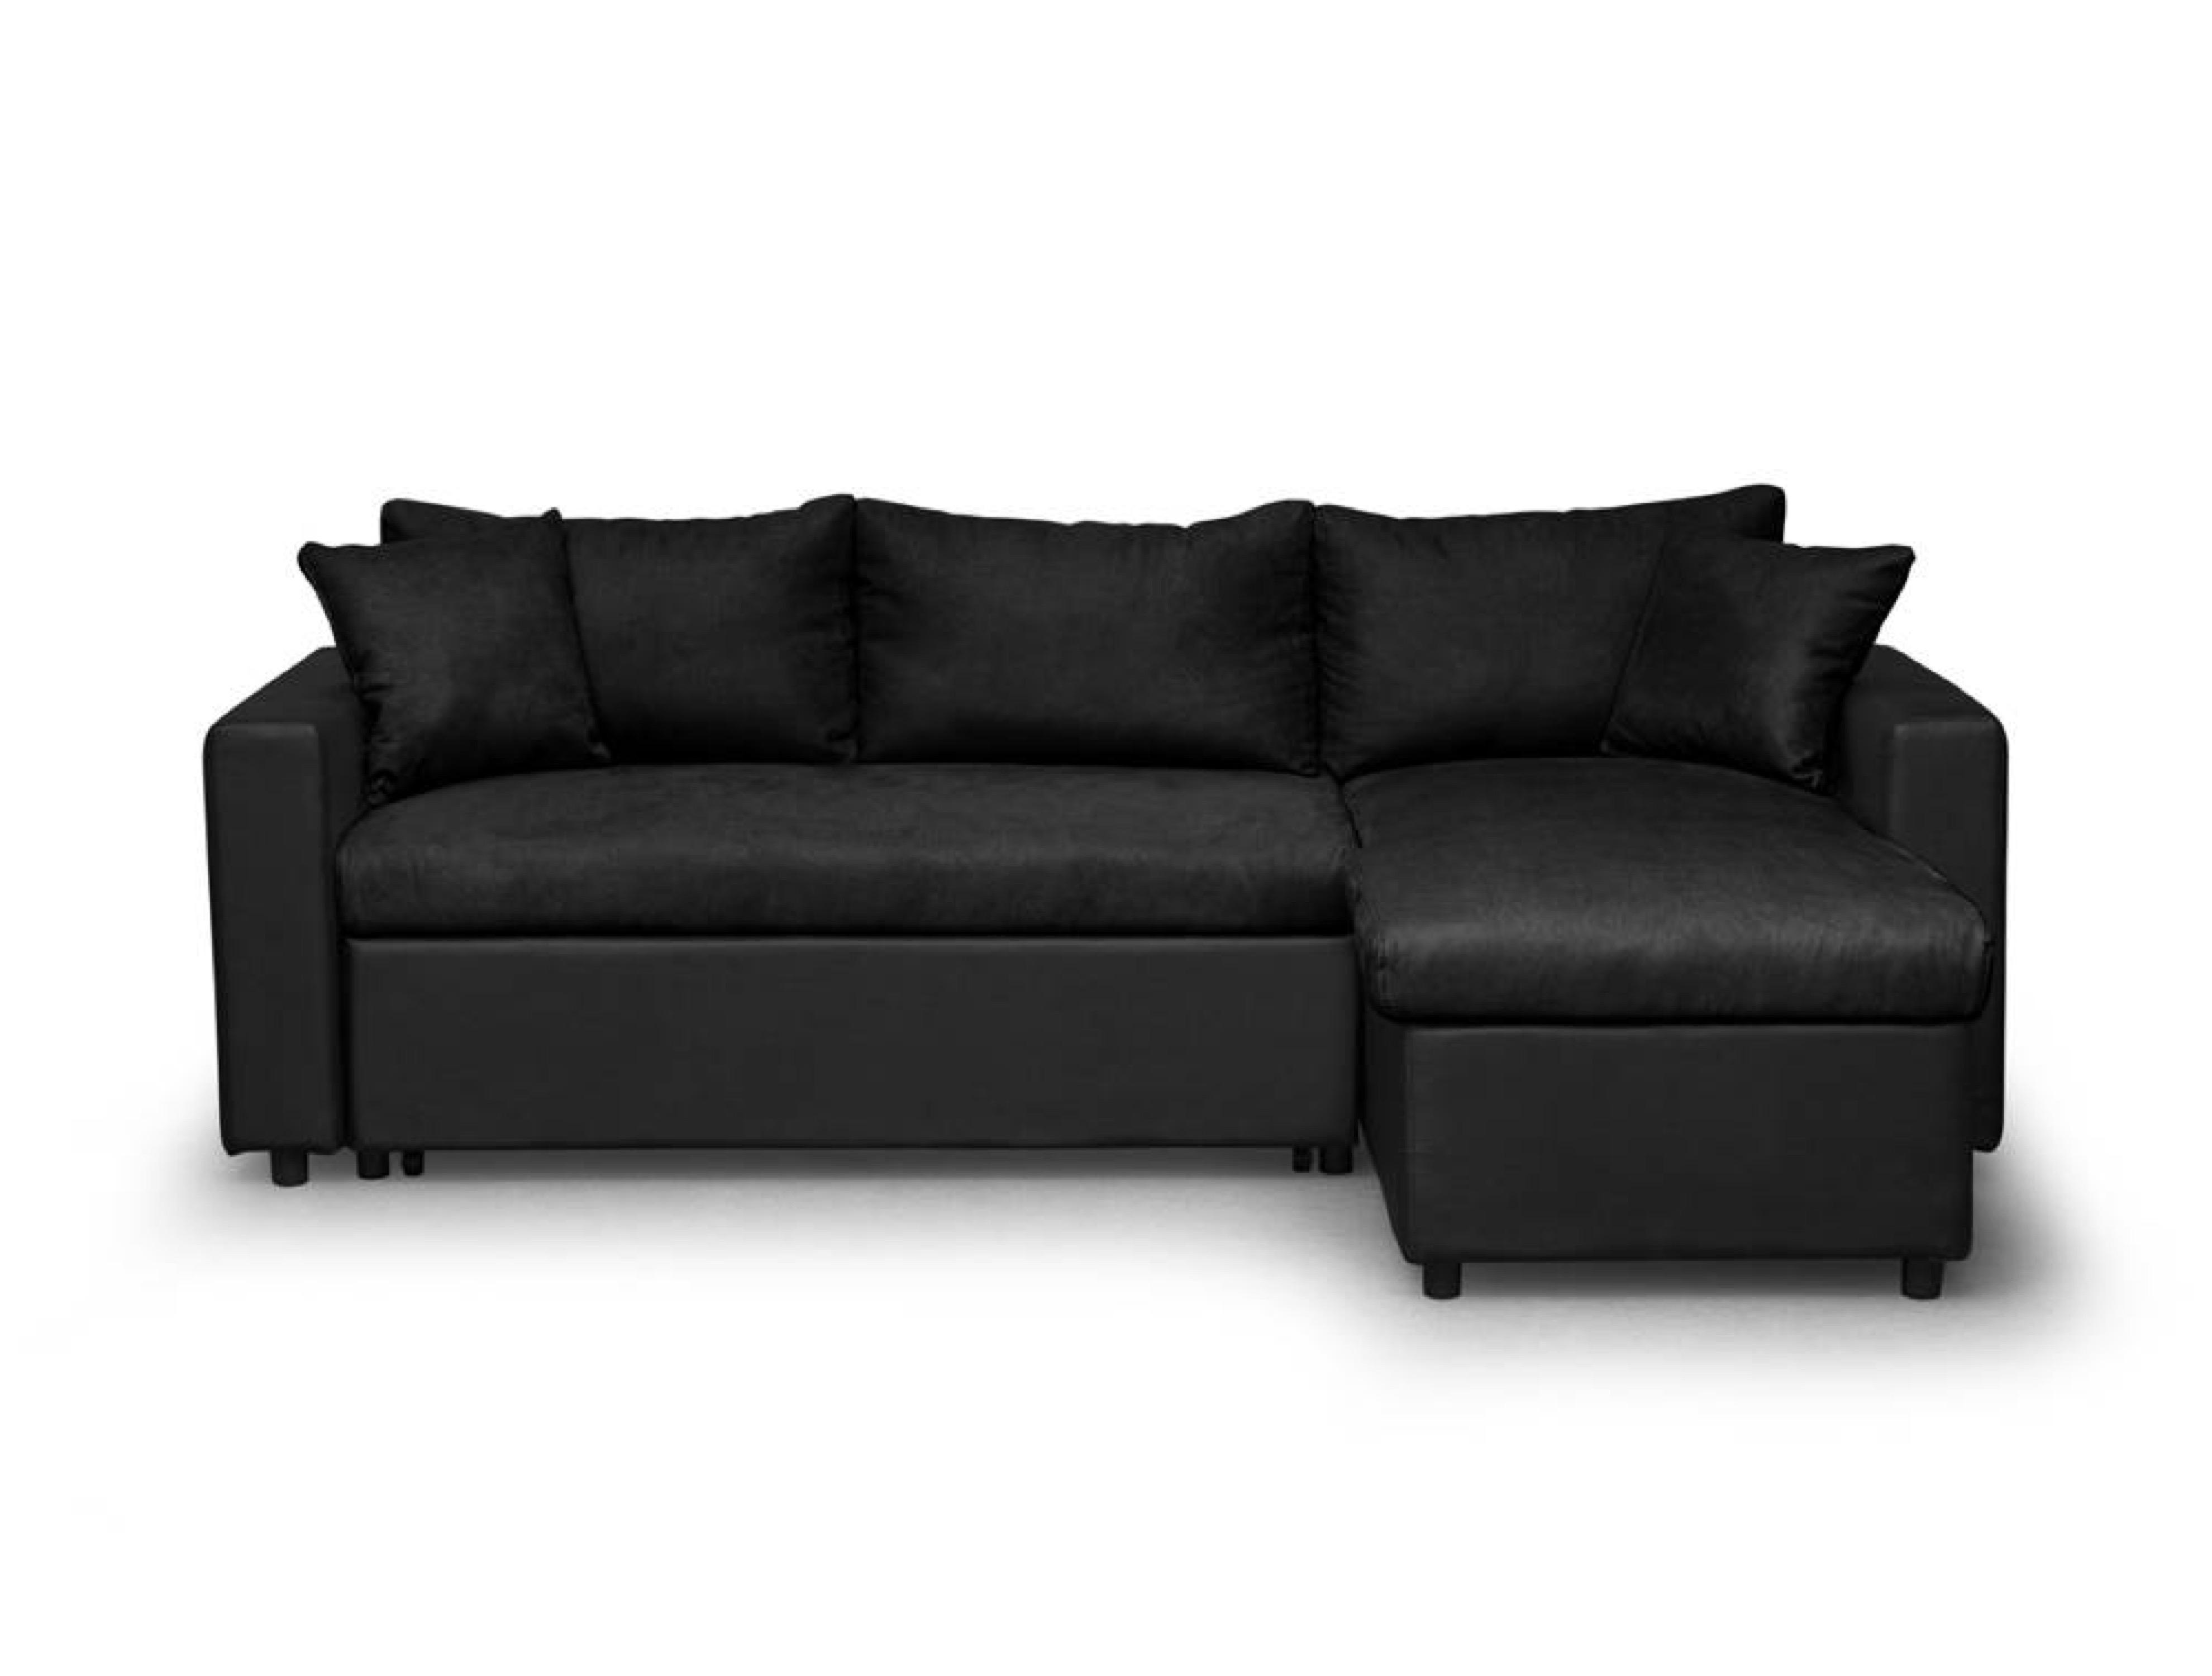 Canapé d'angle réversible et convertible avec coffre noir